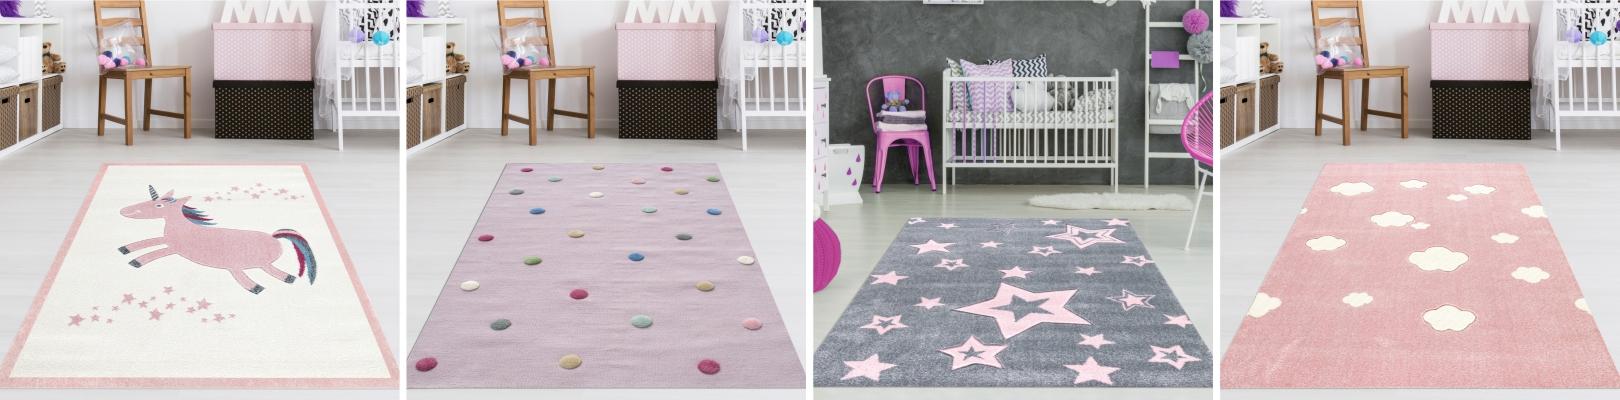 Teppich4Kids - Rosa, Einhorn, Sterne, Punkte, Wolken